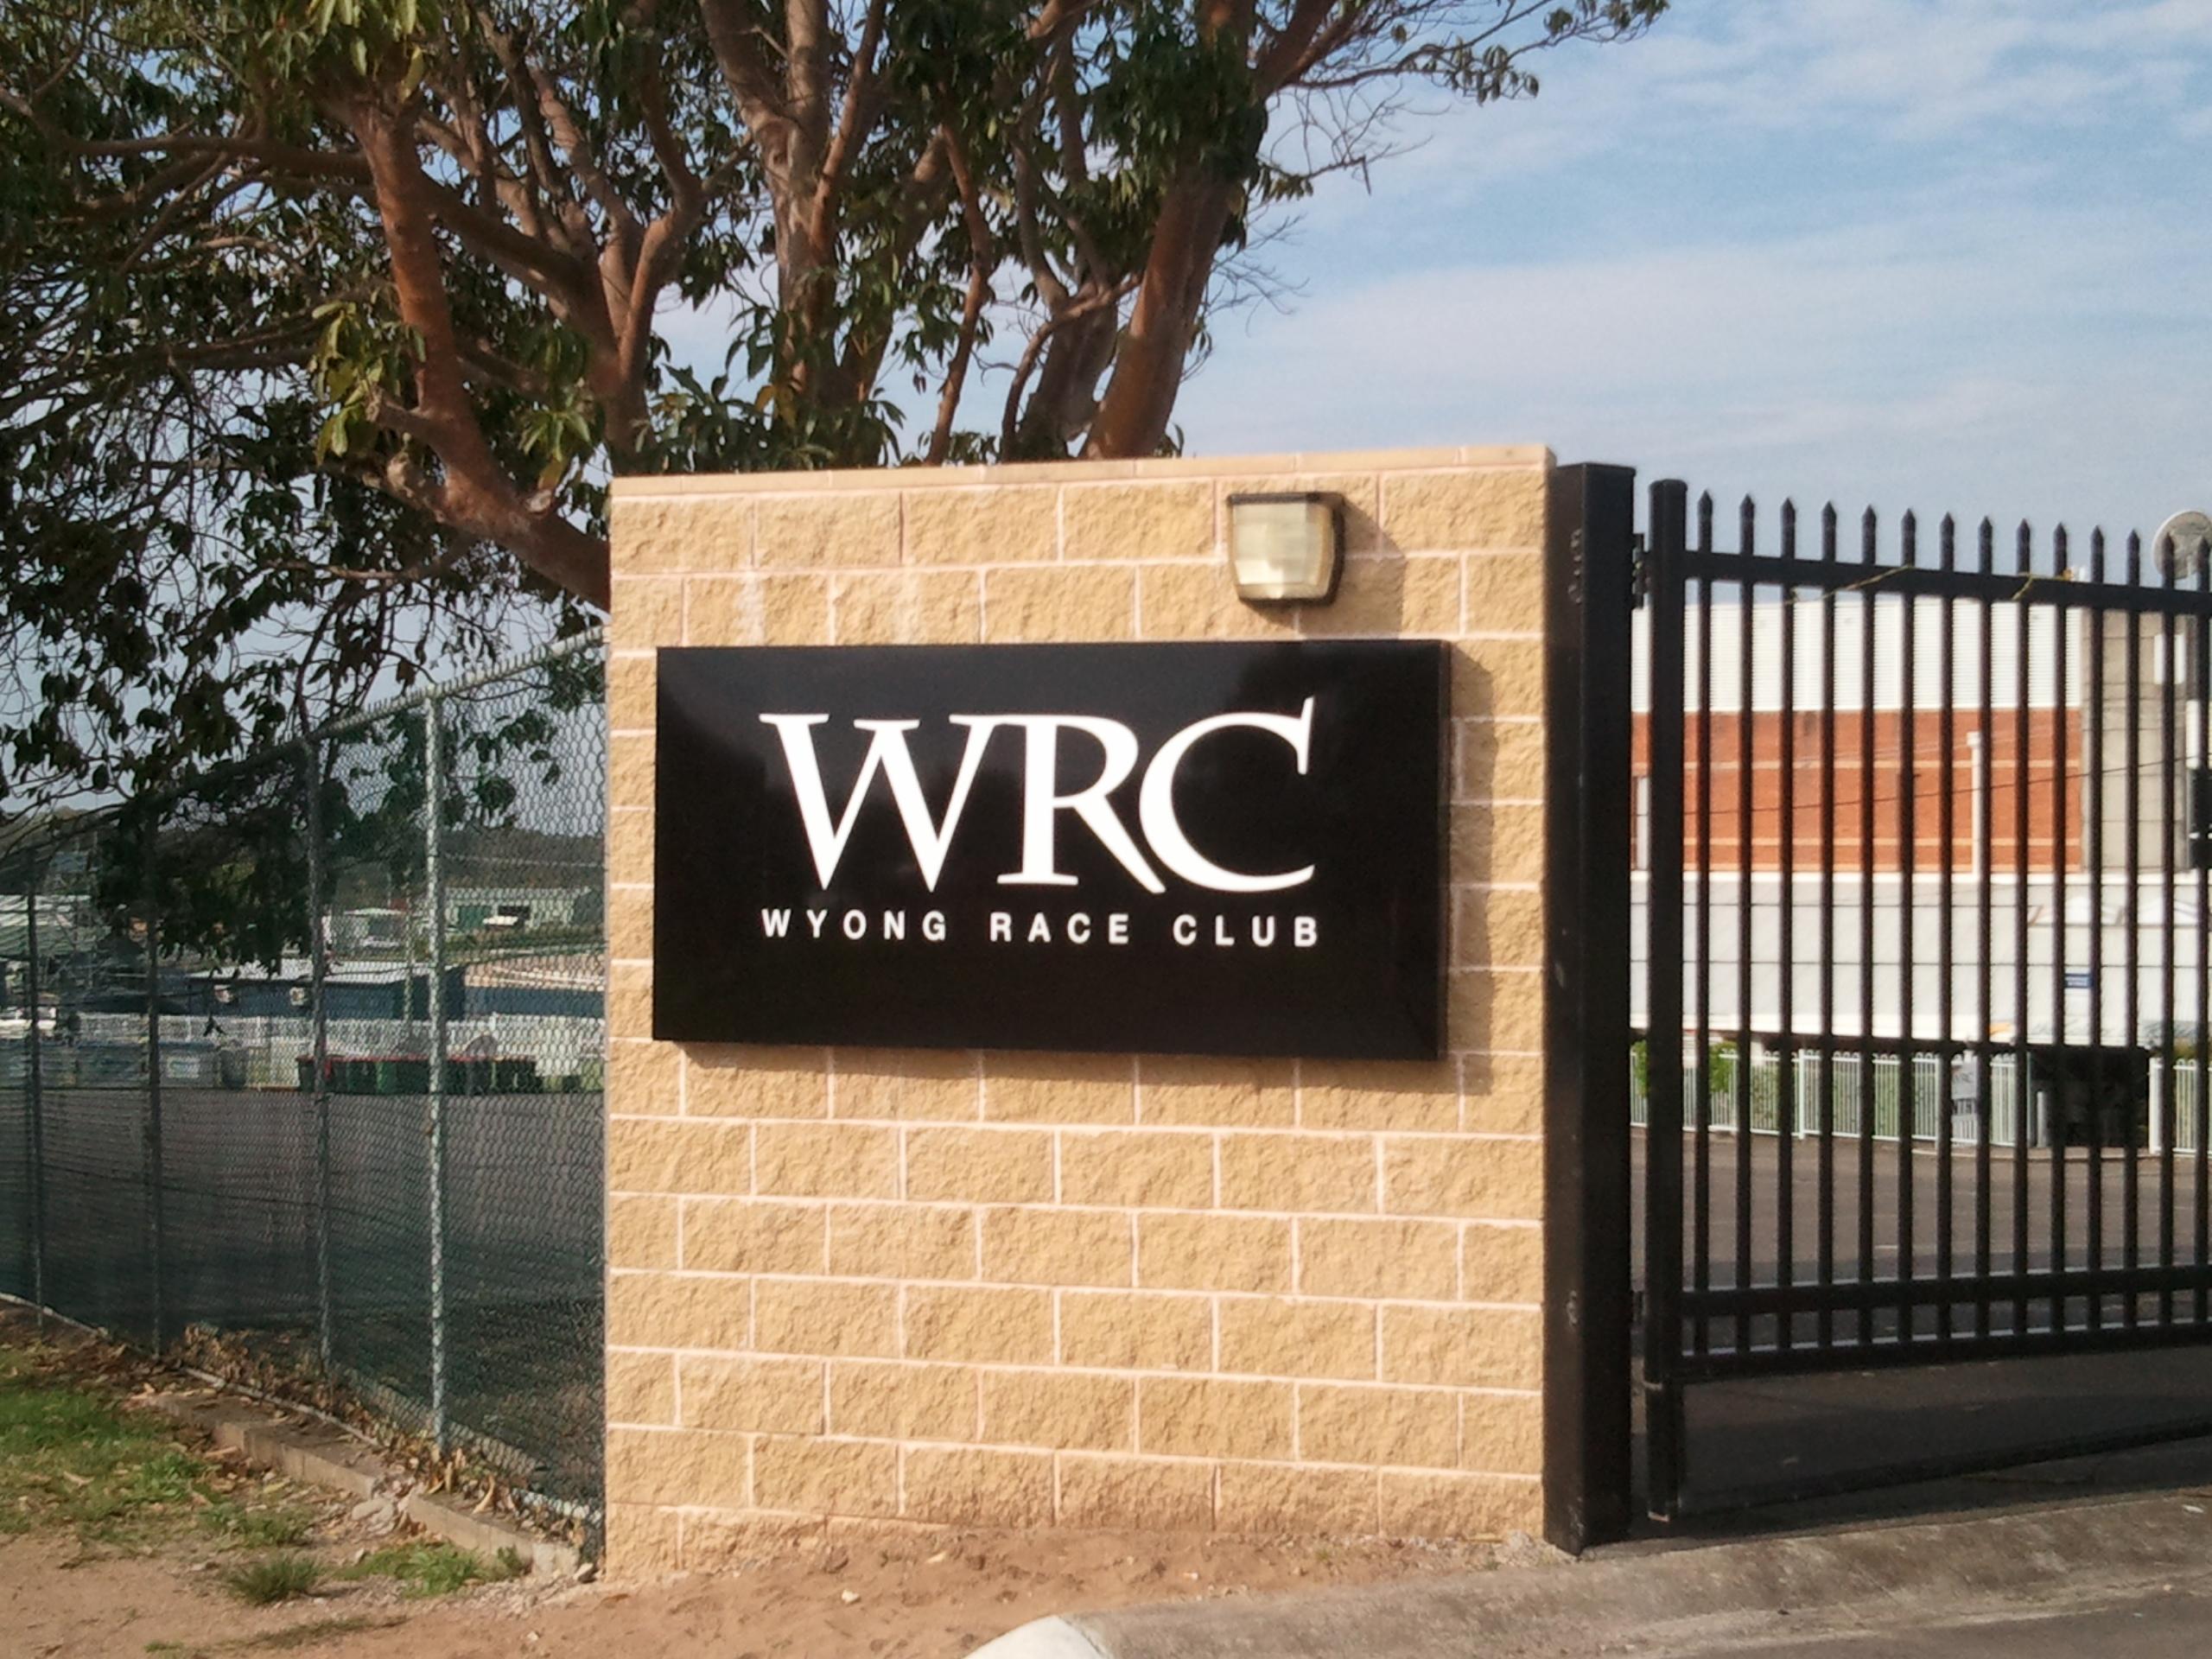 WRC Signage